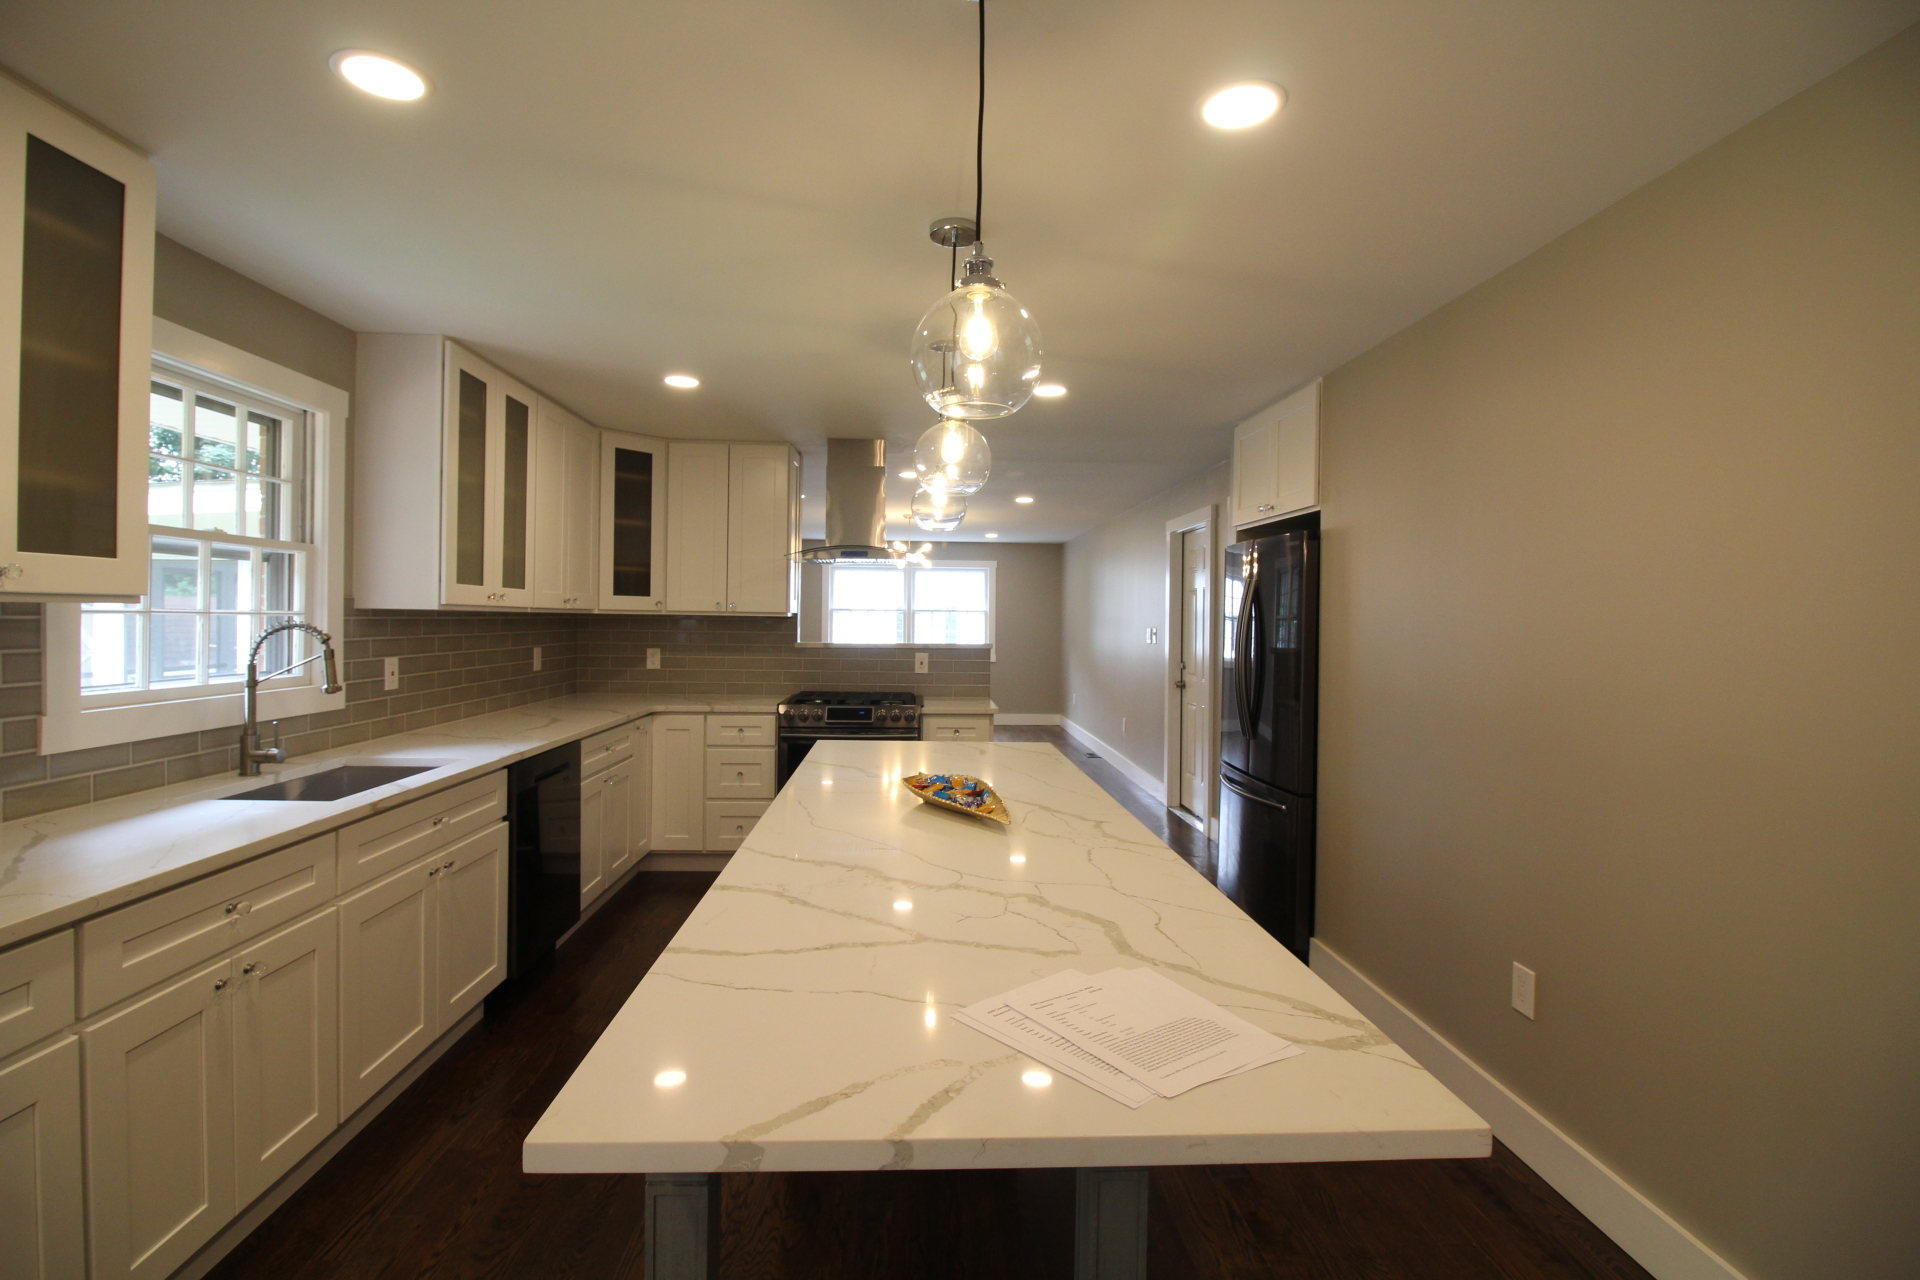 After - Interior Design - Lawrenceville - 09/18